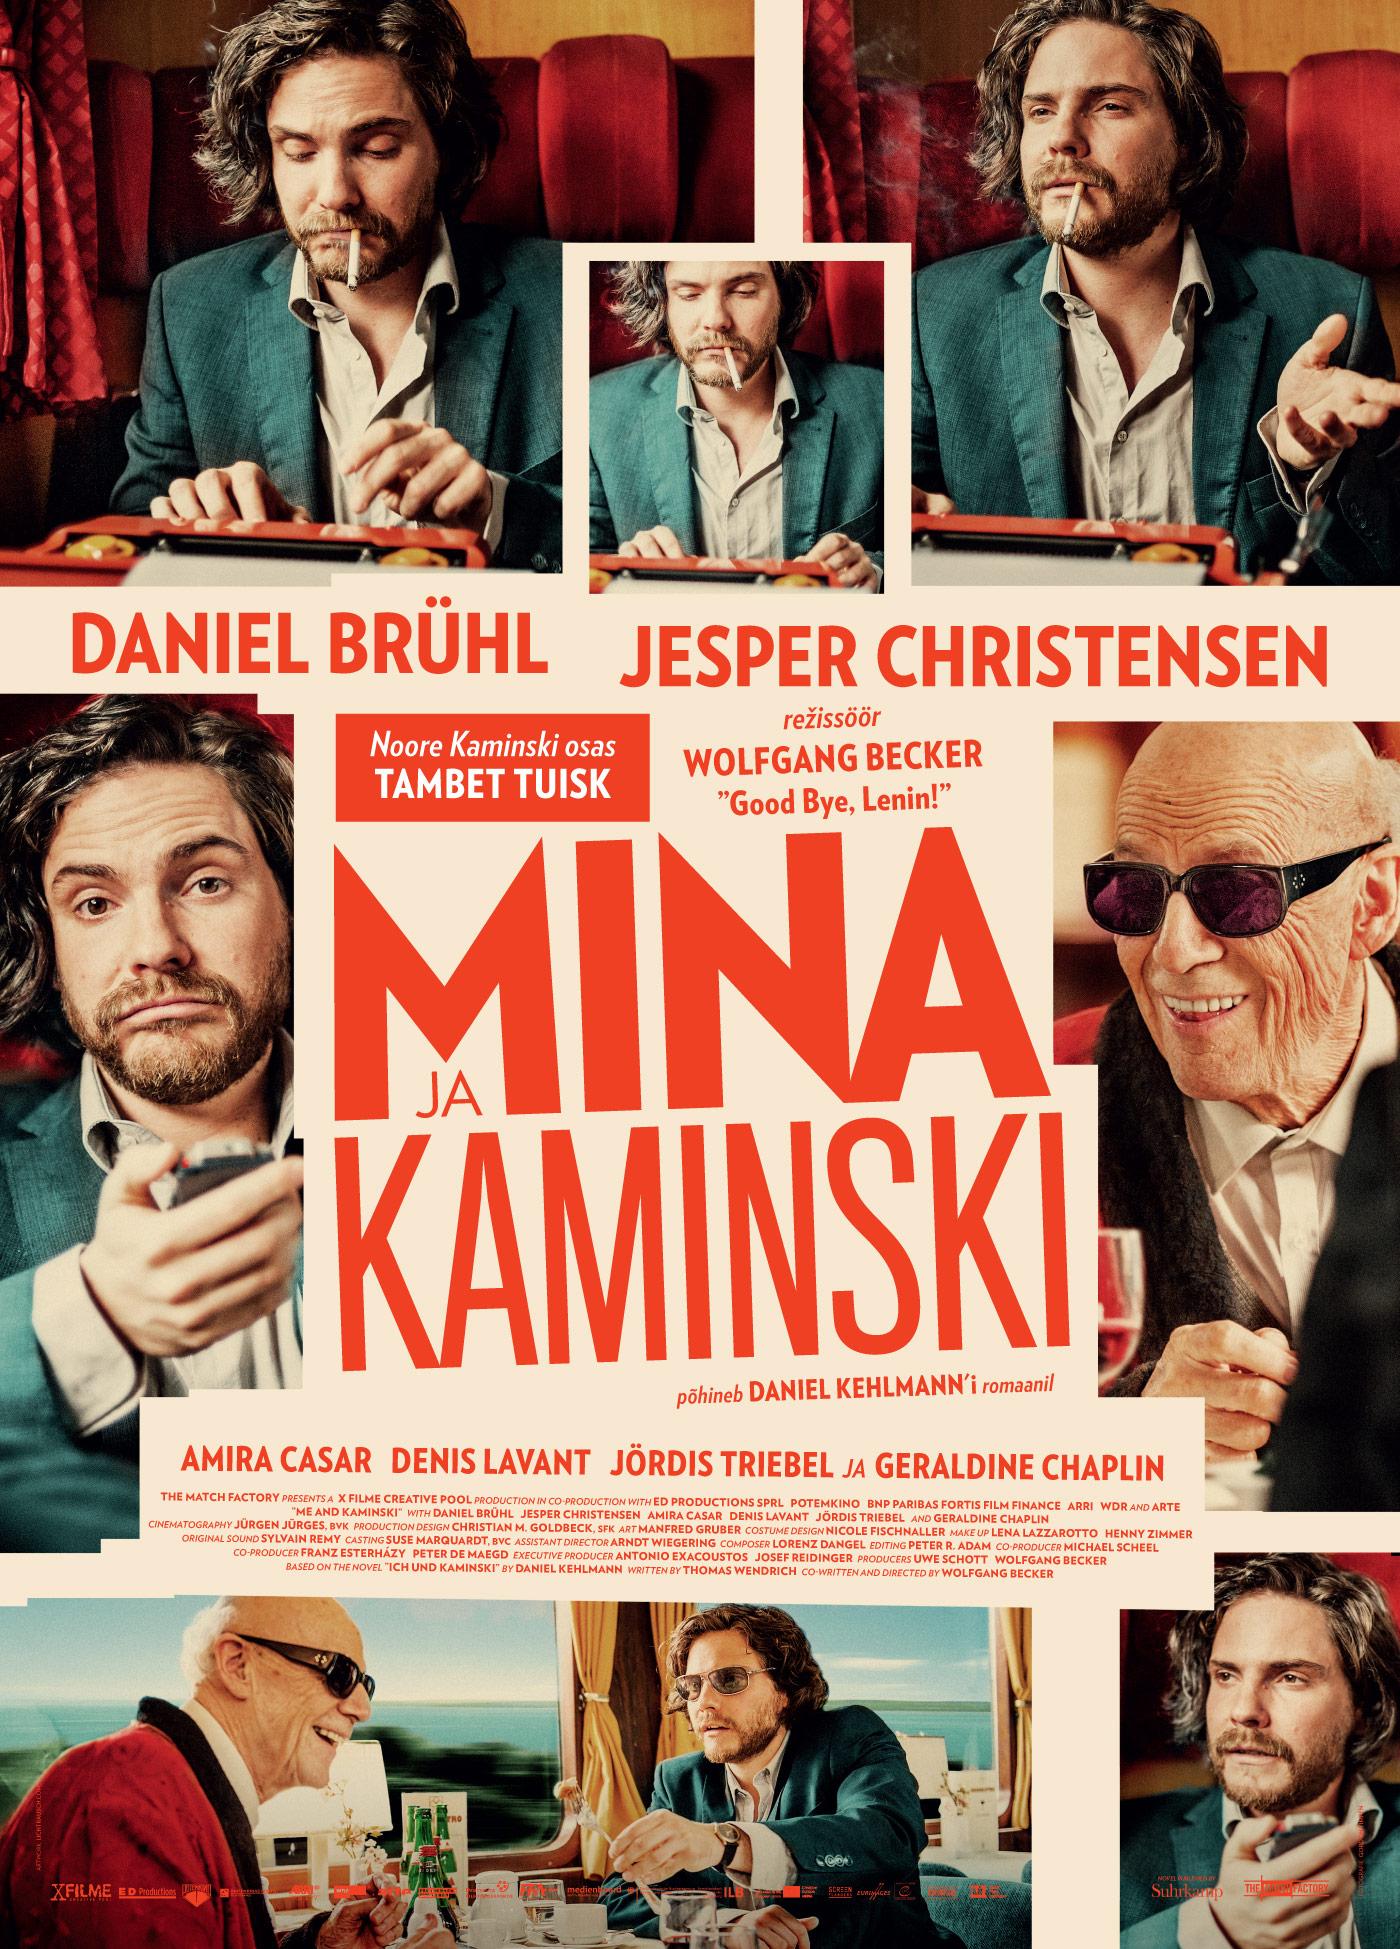 UUS FILM! Linastub film eestlase ja taanlase nägu fiktiivkunstnikust Manuel Kaminskist